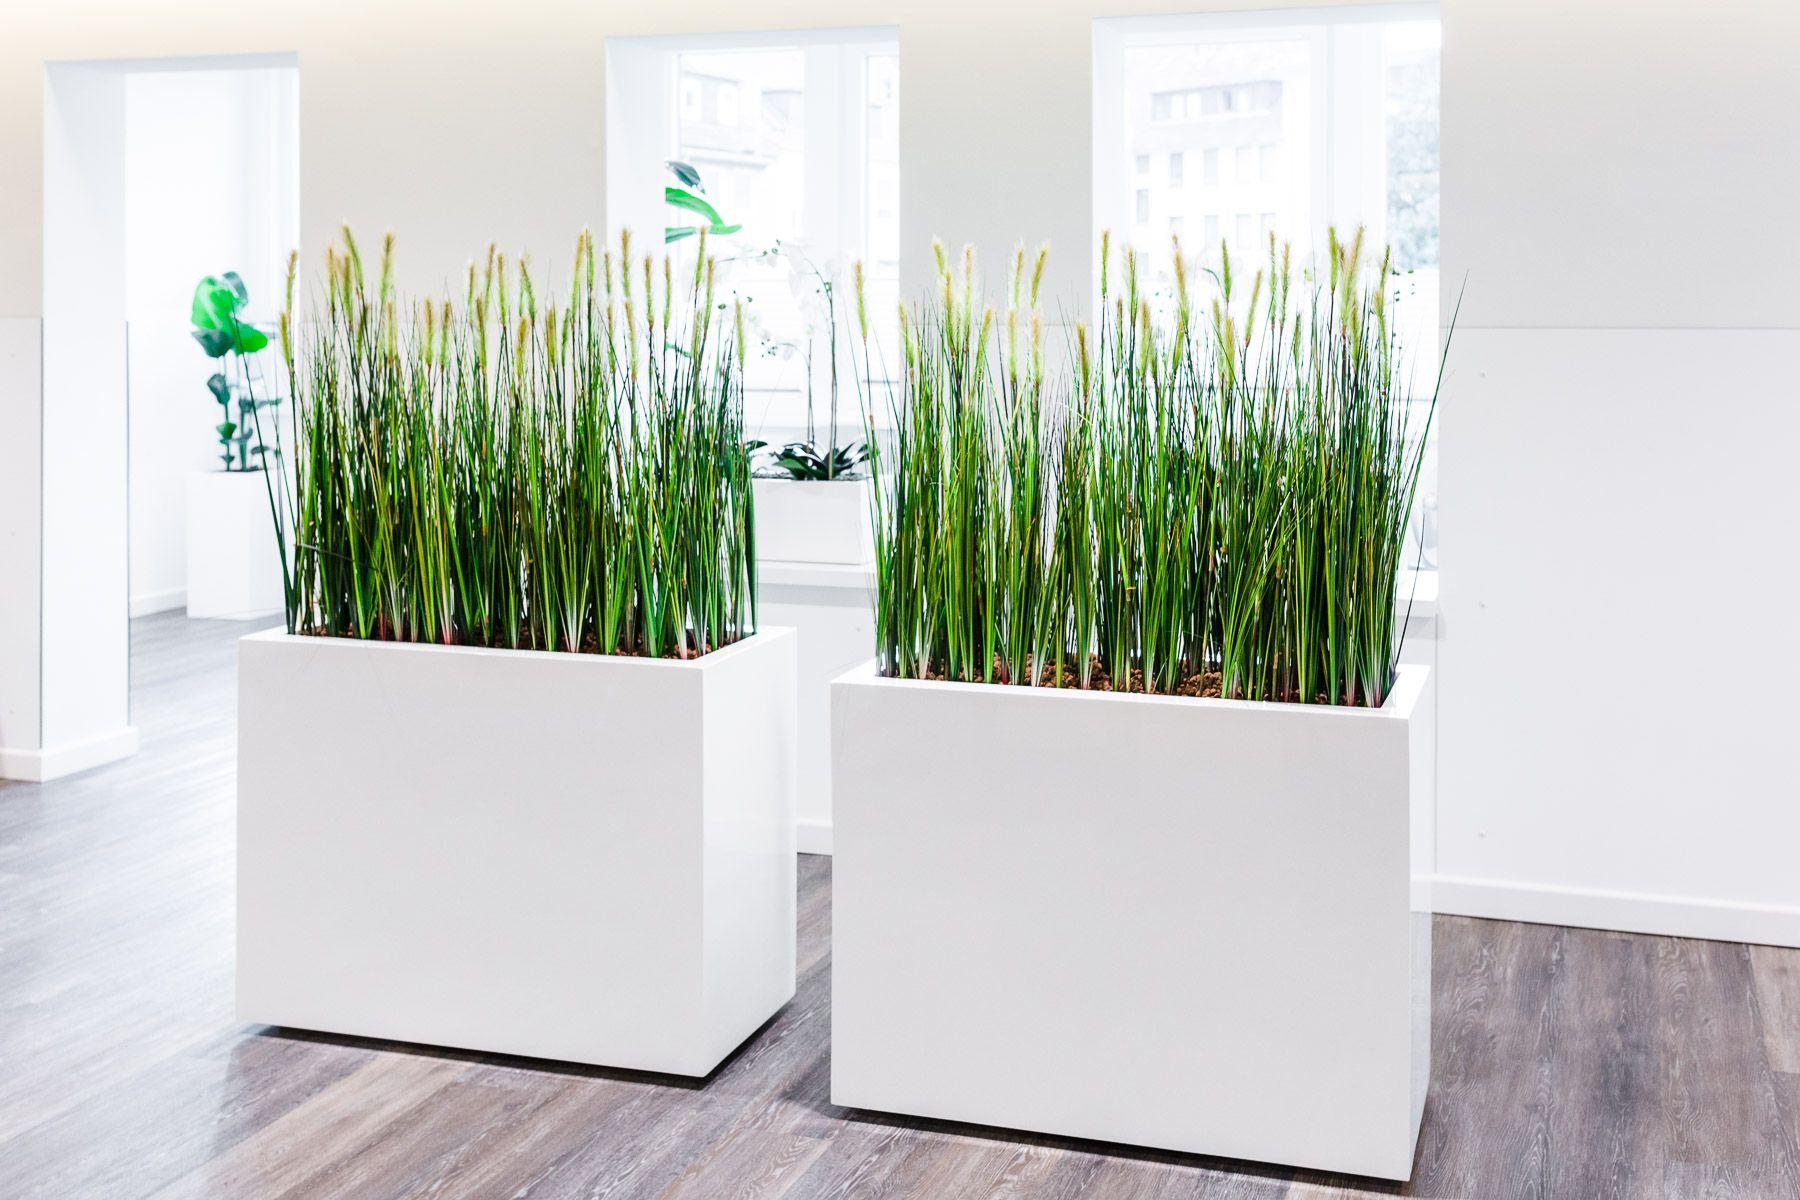 Mobiler Raumteiler Sichtschutz Mit Textil Grasern Raumteiler